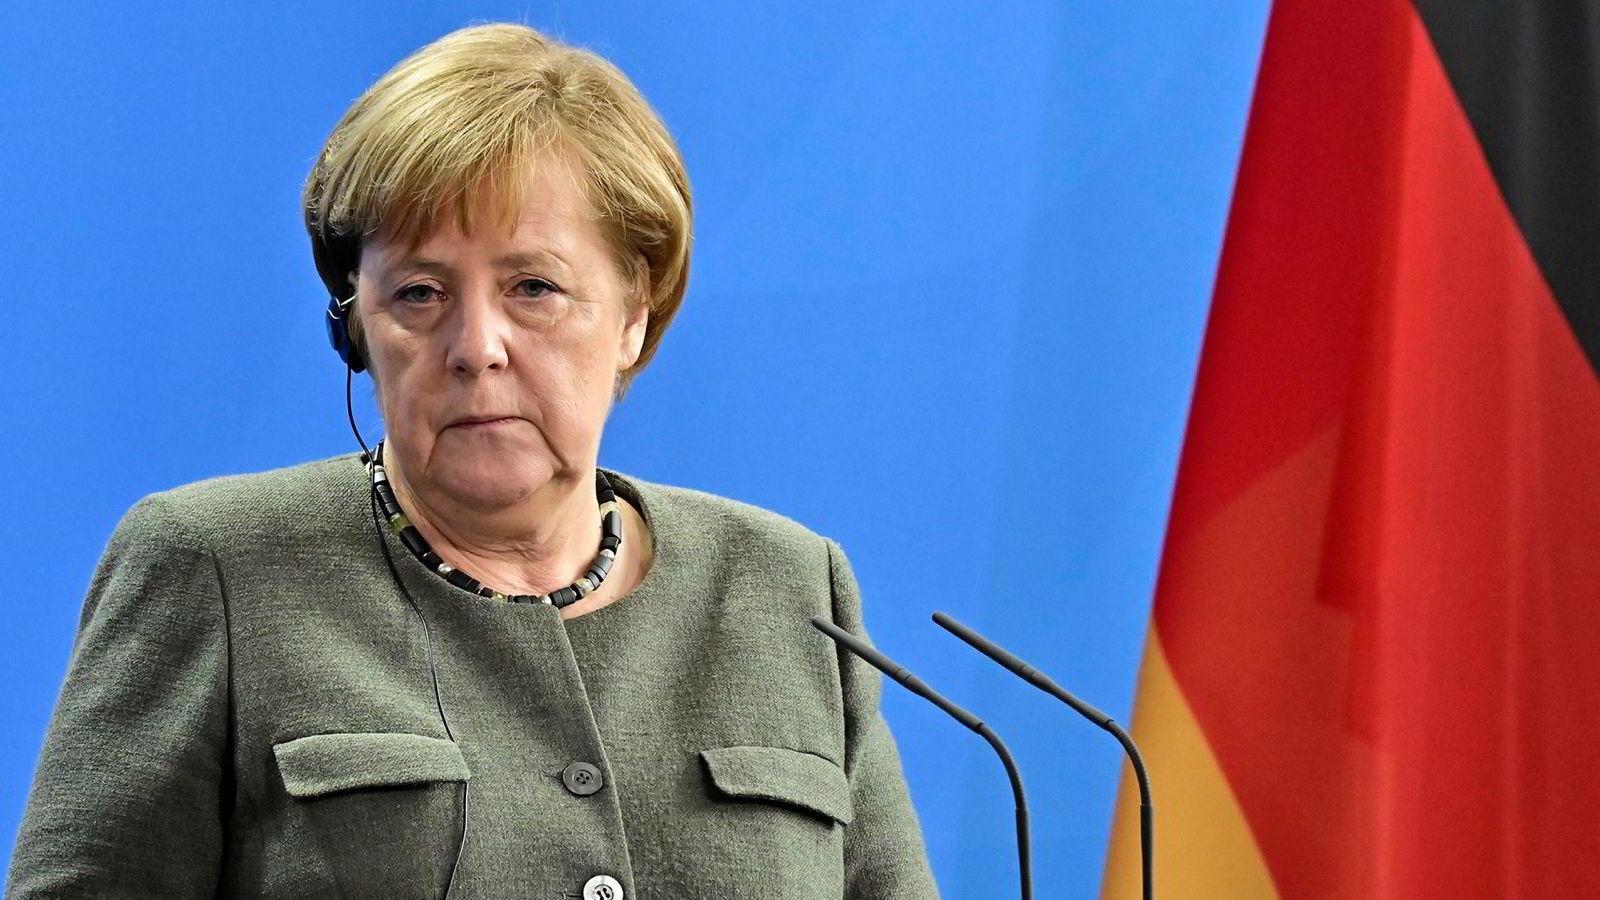 Angela Merkel prises ofte som vår tids store europeiske politiker. Da Time Magazine i 2010 hadde den tyske kansleren på forsiden under tittelen «Frau Europa» fikk hun de aller beste skussmål: rettskaffen, klartenkt, taktisk og mektig. Allikevel er tyskerne lei av henne, skriver artikkelforfatteren.